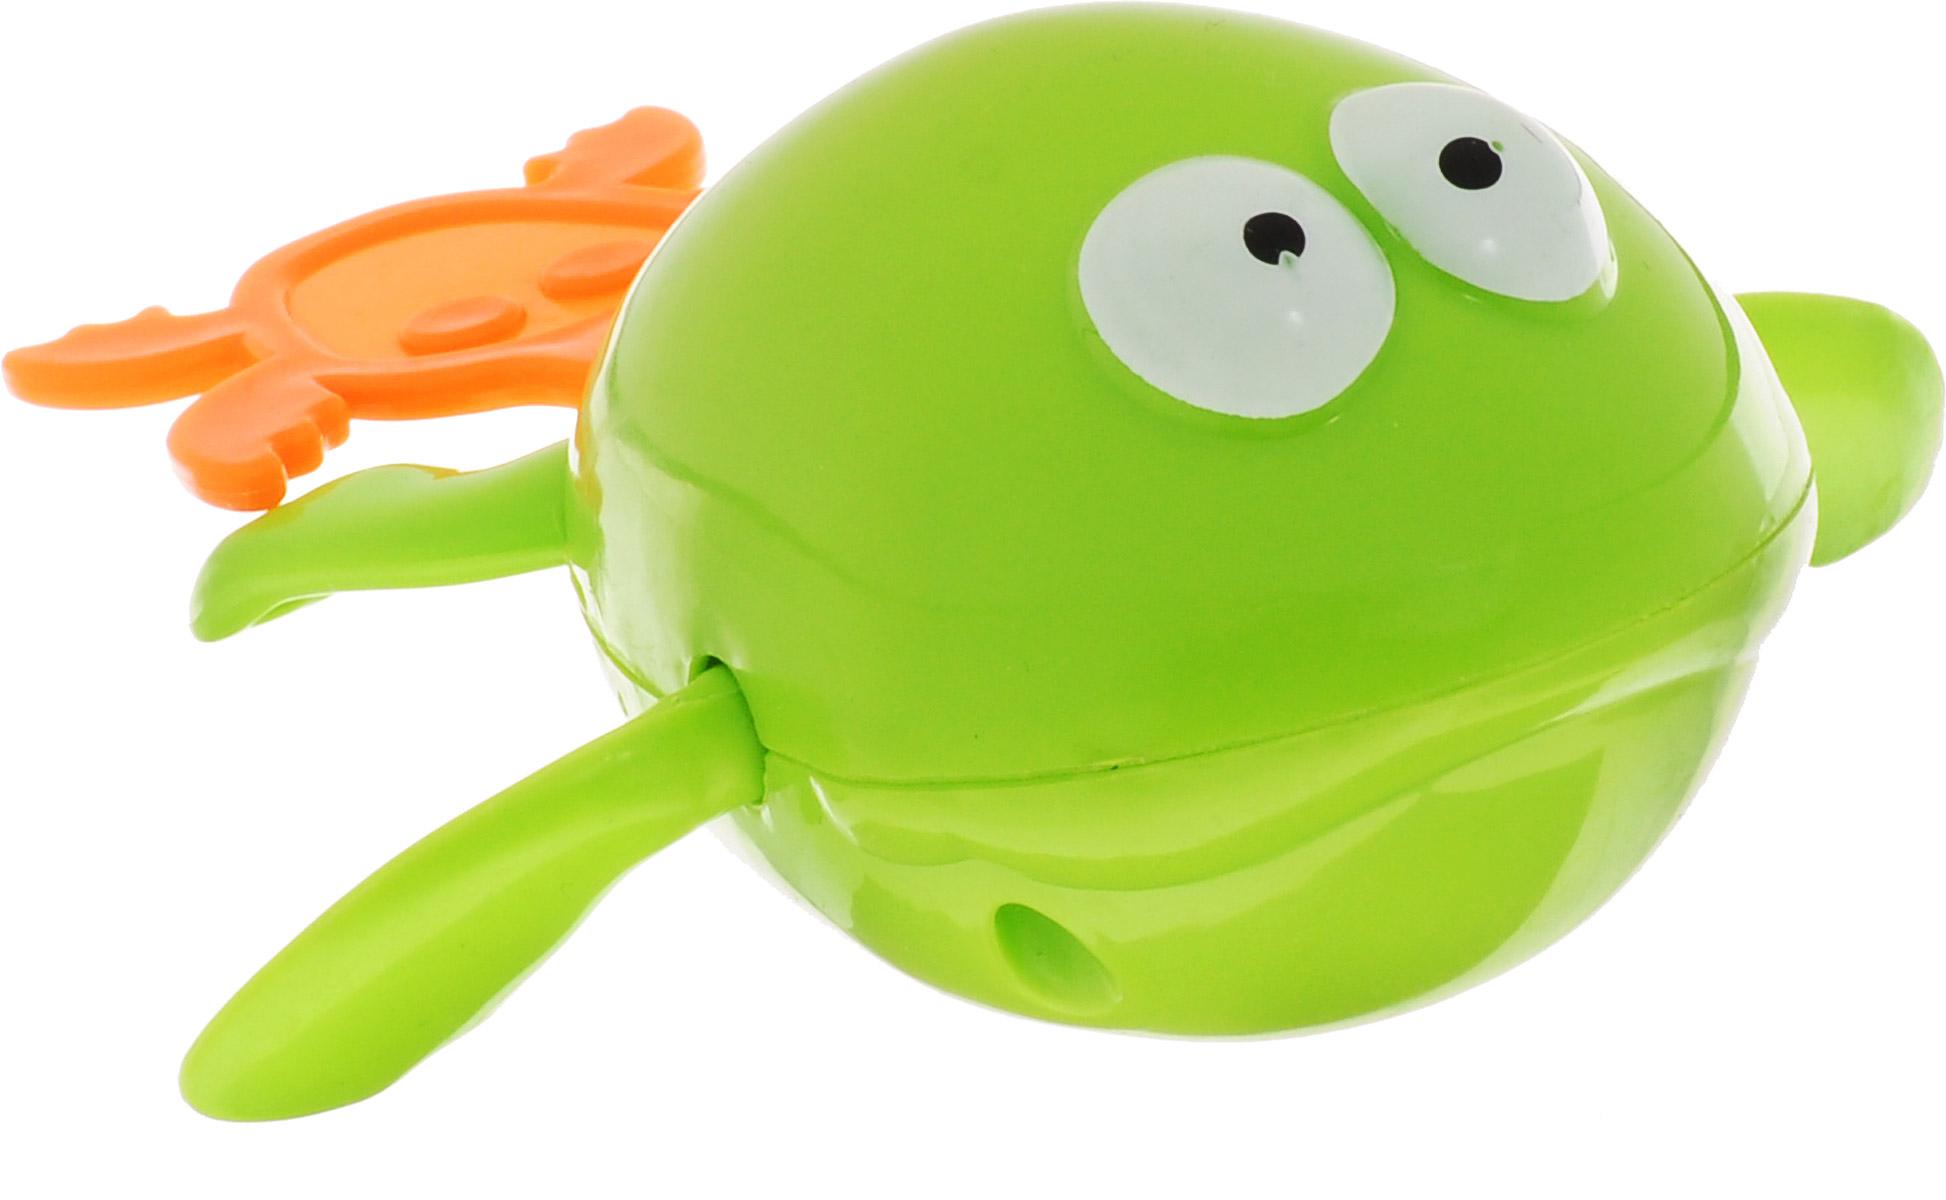 Keenway Игрушка для ванной Лягушонок игрушки для ванны играем вместе заводная игрушка для купания лягушонок